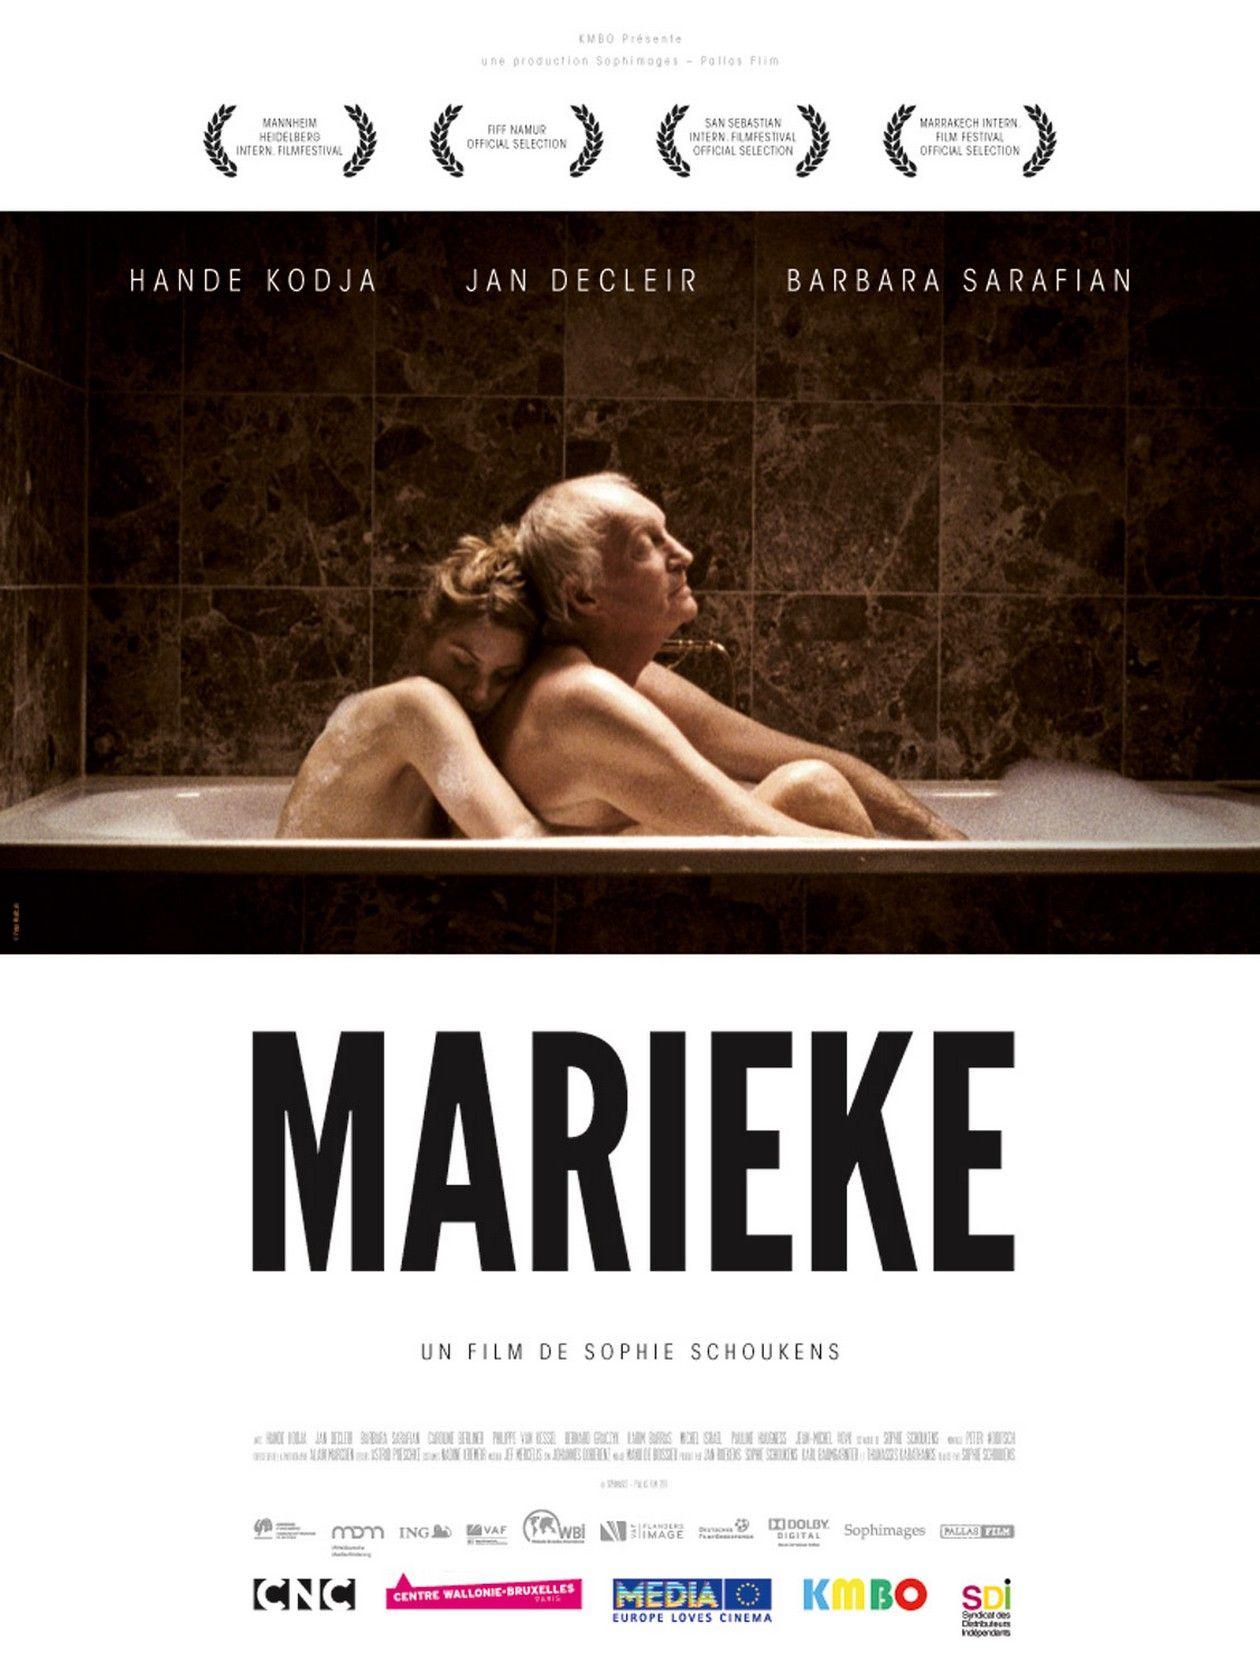 Hande Kodja  MARIEKE / Sophie Schoukens / affiche du film / movie poster